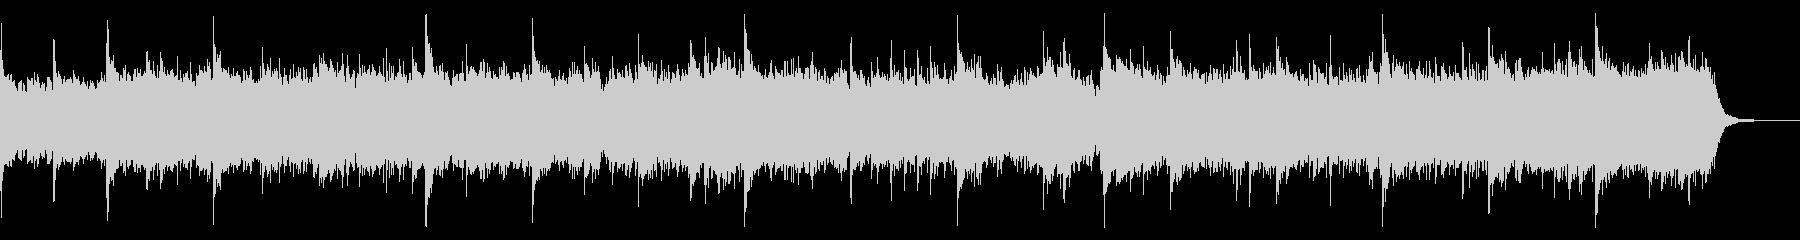 ピアノソロによるエレクトロニカの未再生の波形